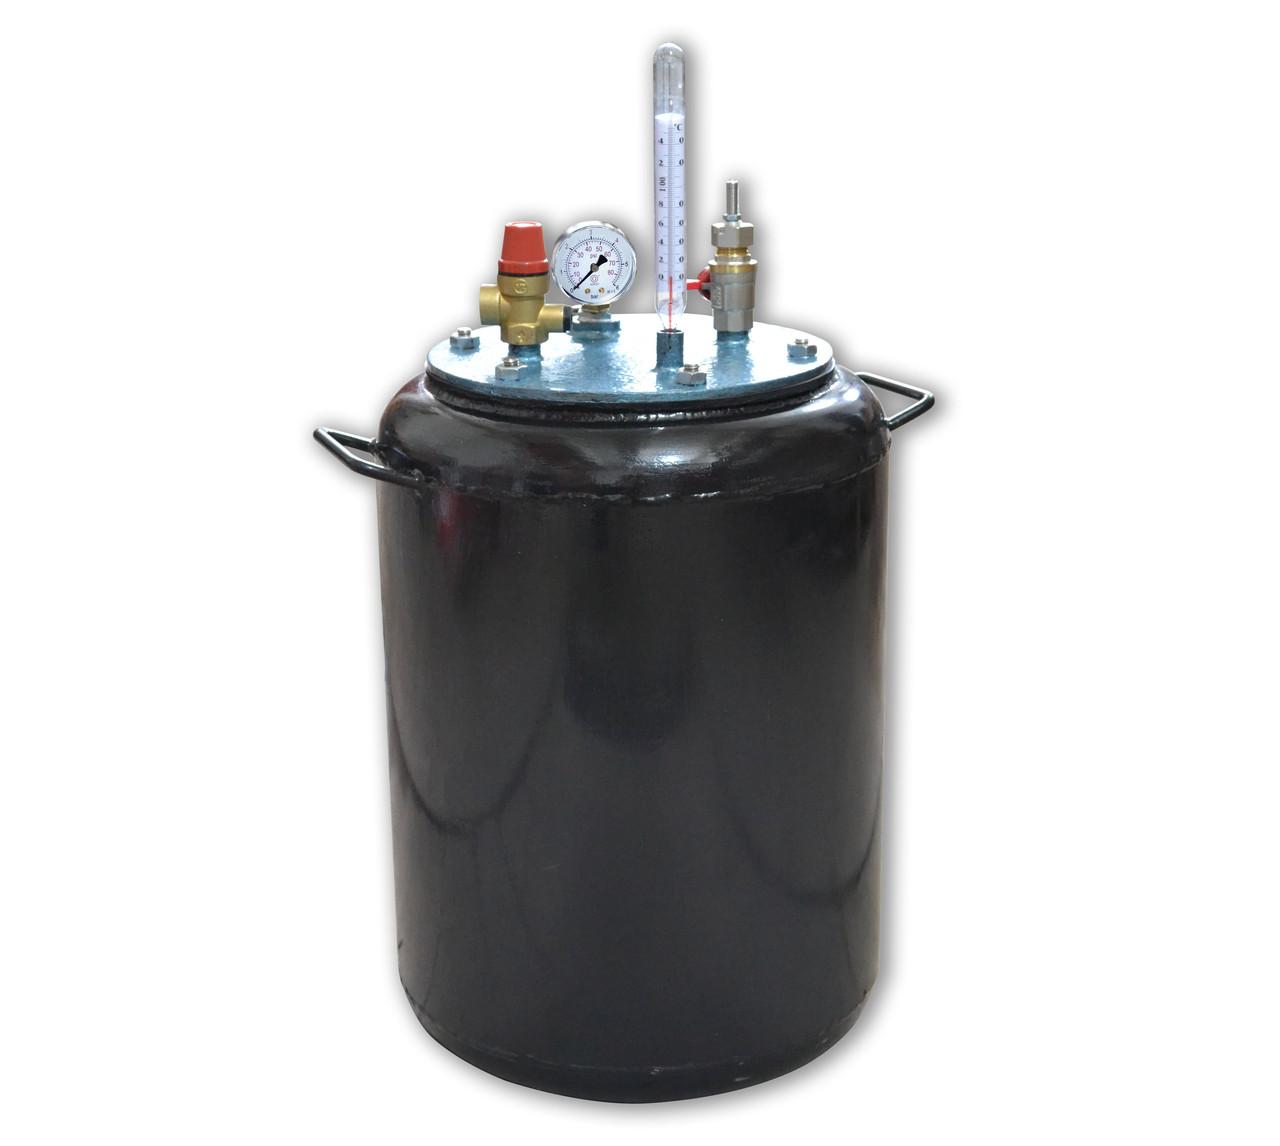 Автоклав газовый Утех-24, черный металл, стенки 2,5 мм, вместимость 24 банки, сборник рецептов  - Сто грамм в Киеве